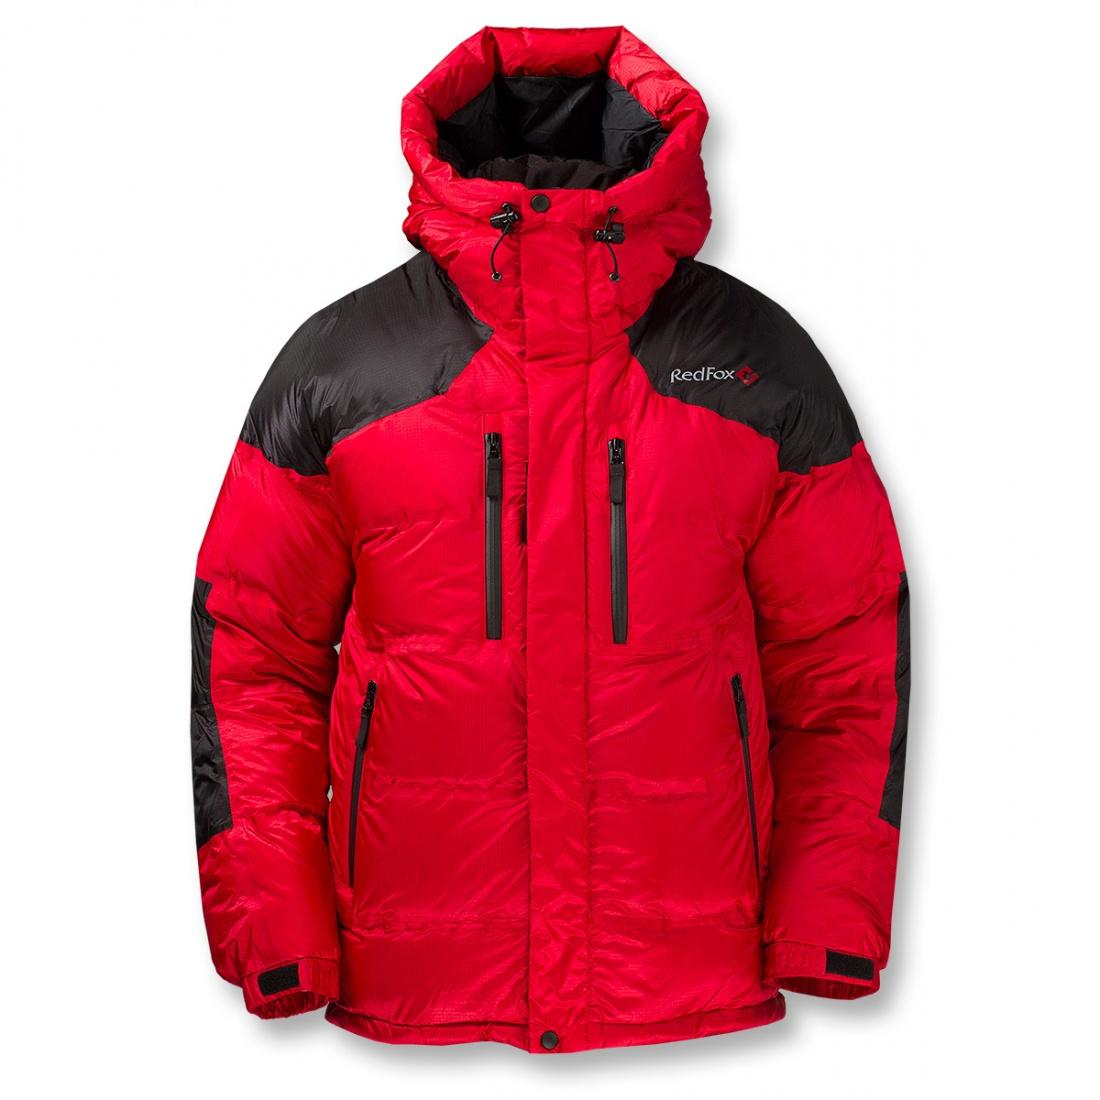 Red Fox Куртка пуховая Extreme II (58, 1310/красный/черный, ,)